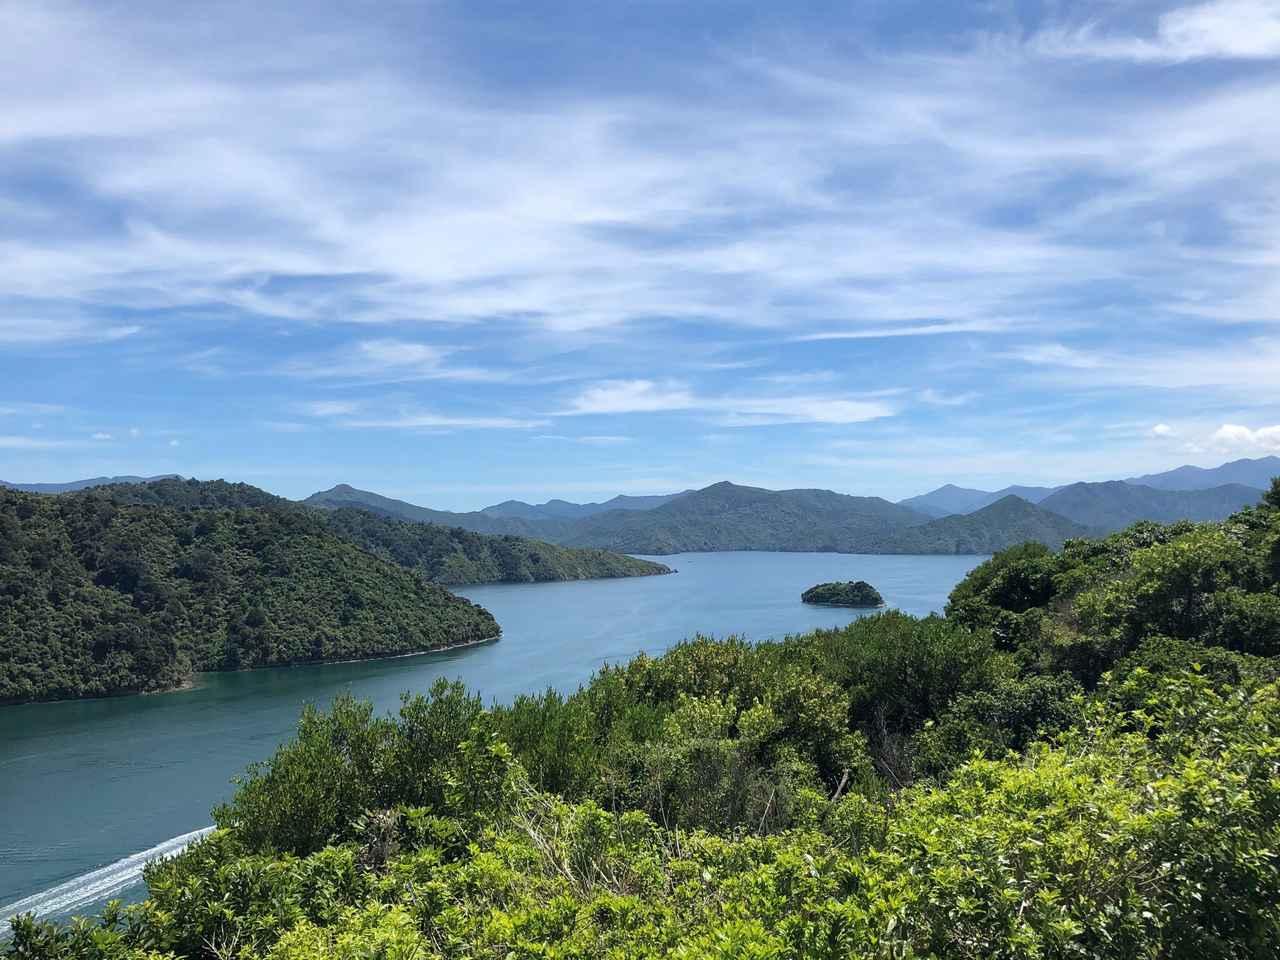 画像: ピクトン・山の上からの眺め/鈴木撮影(イメージ)